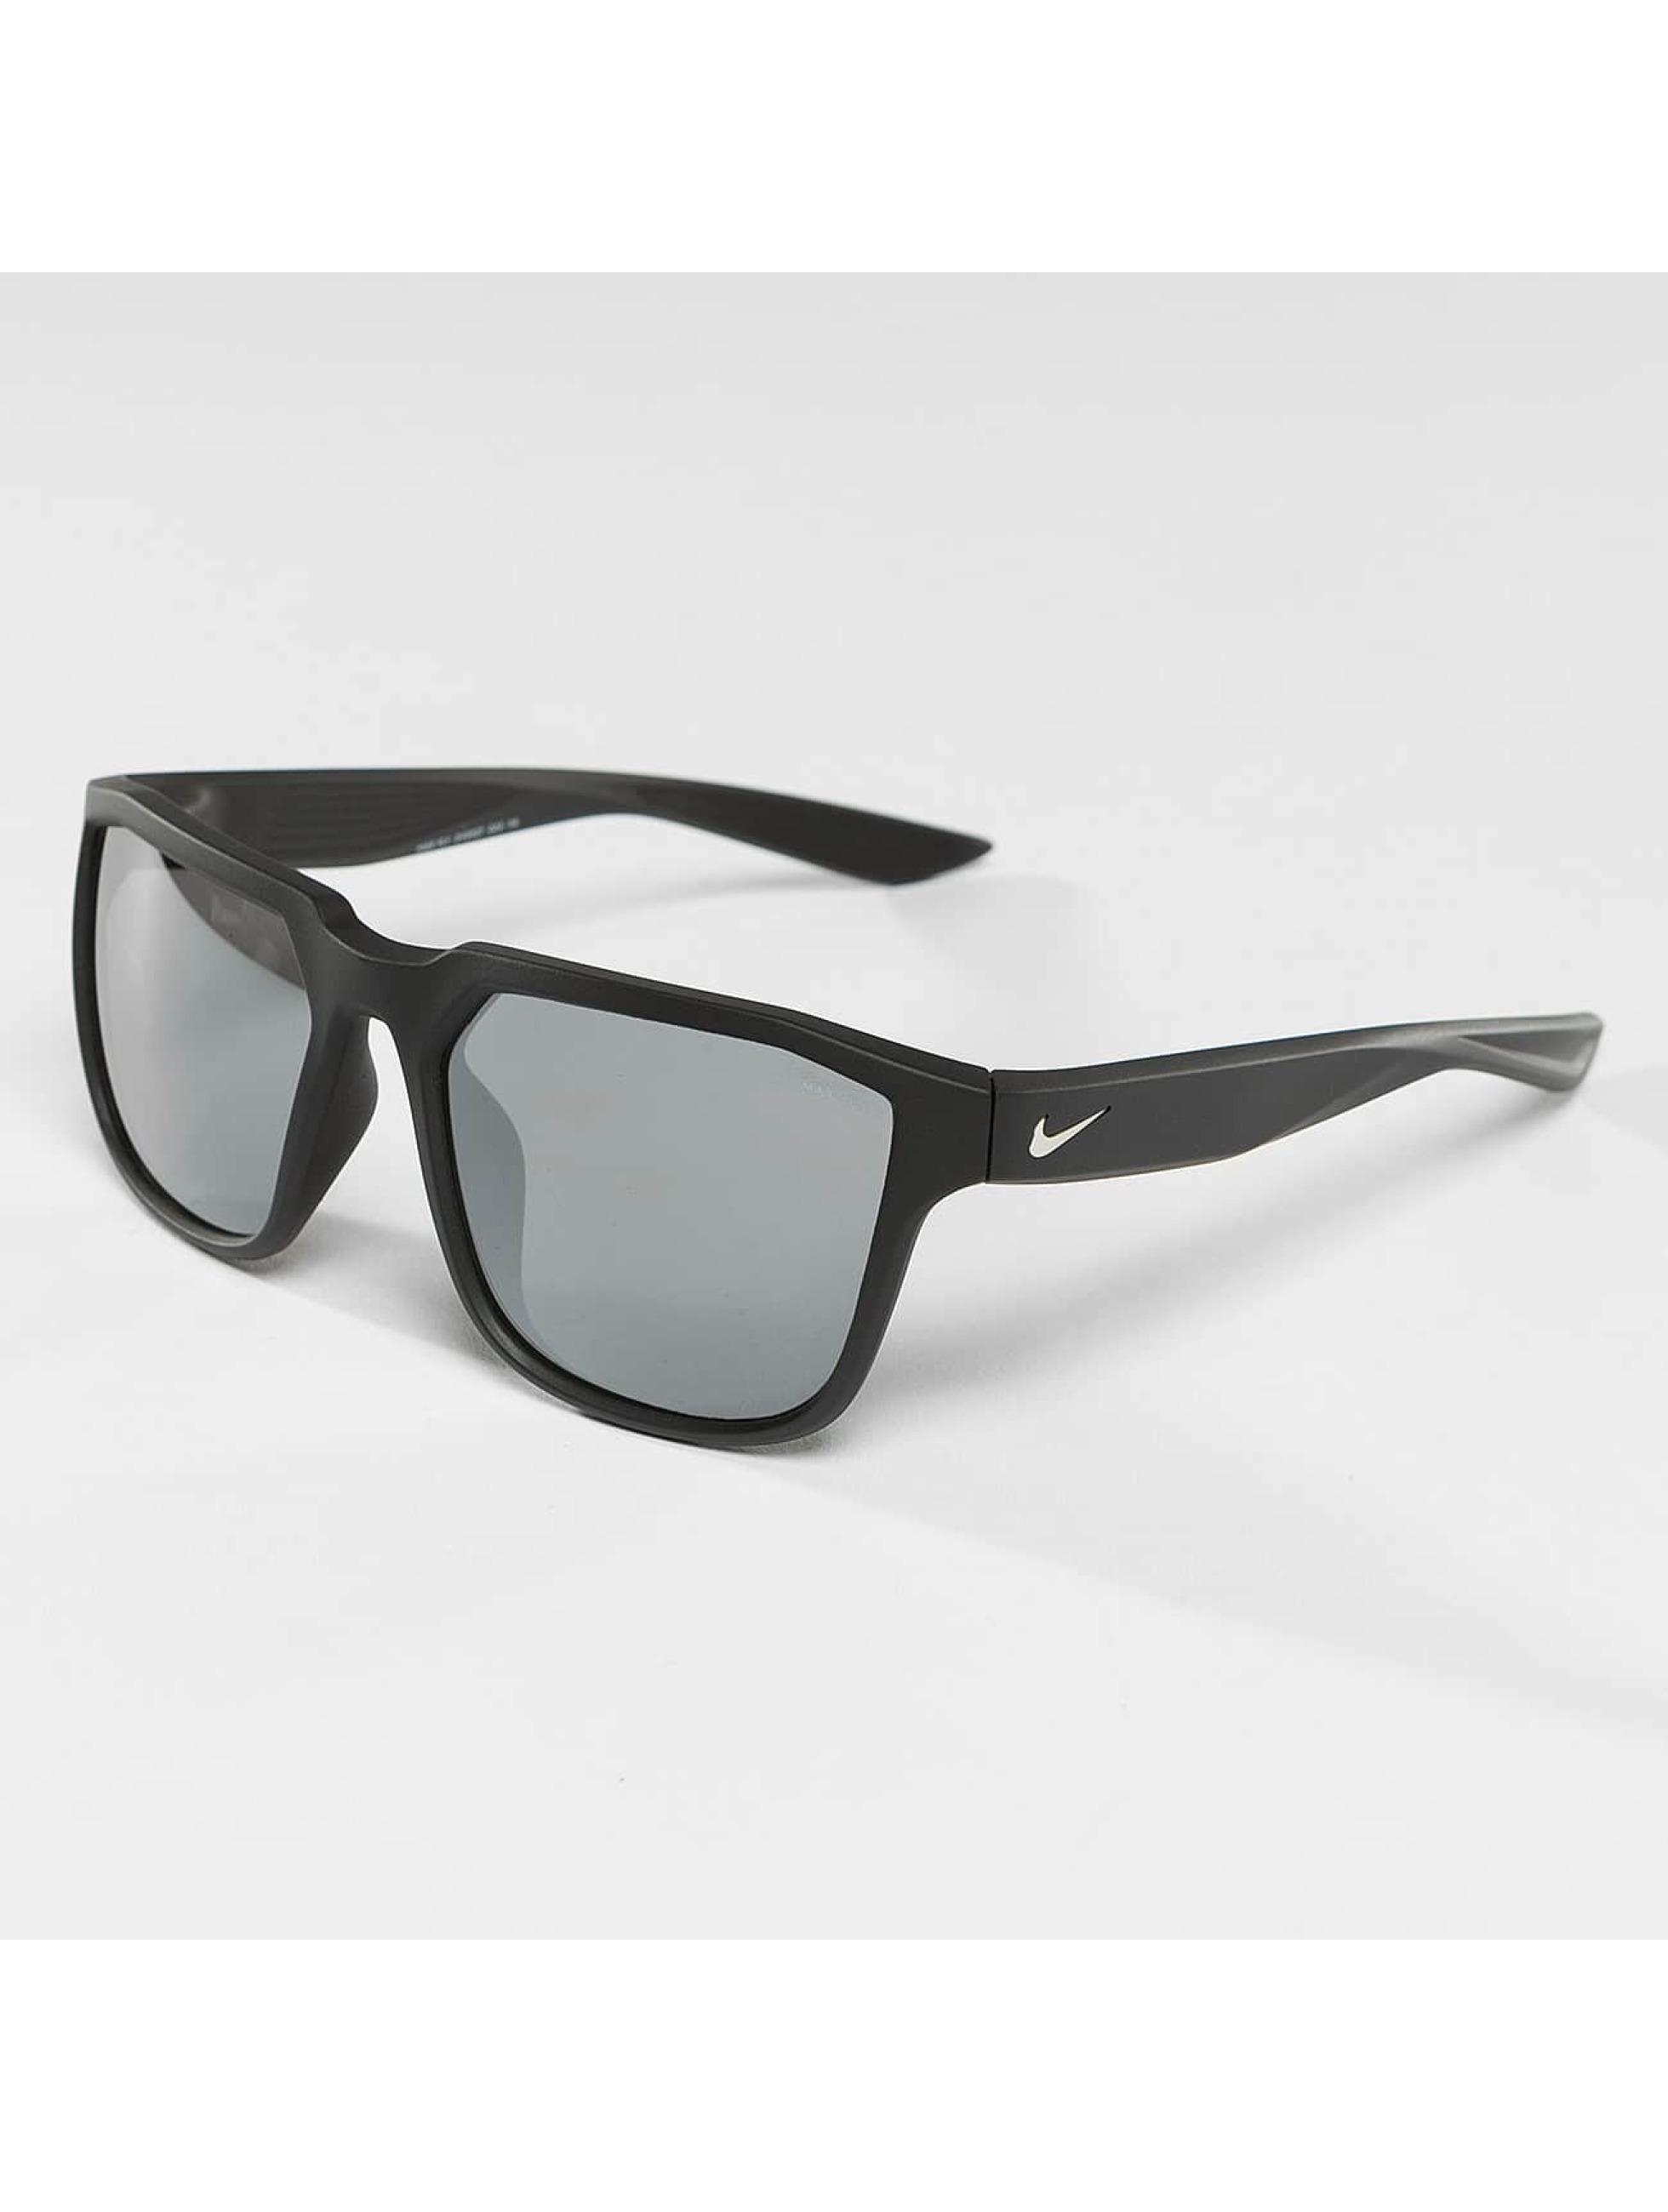 Nike Vision Lunettes de soleil Fly noir